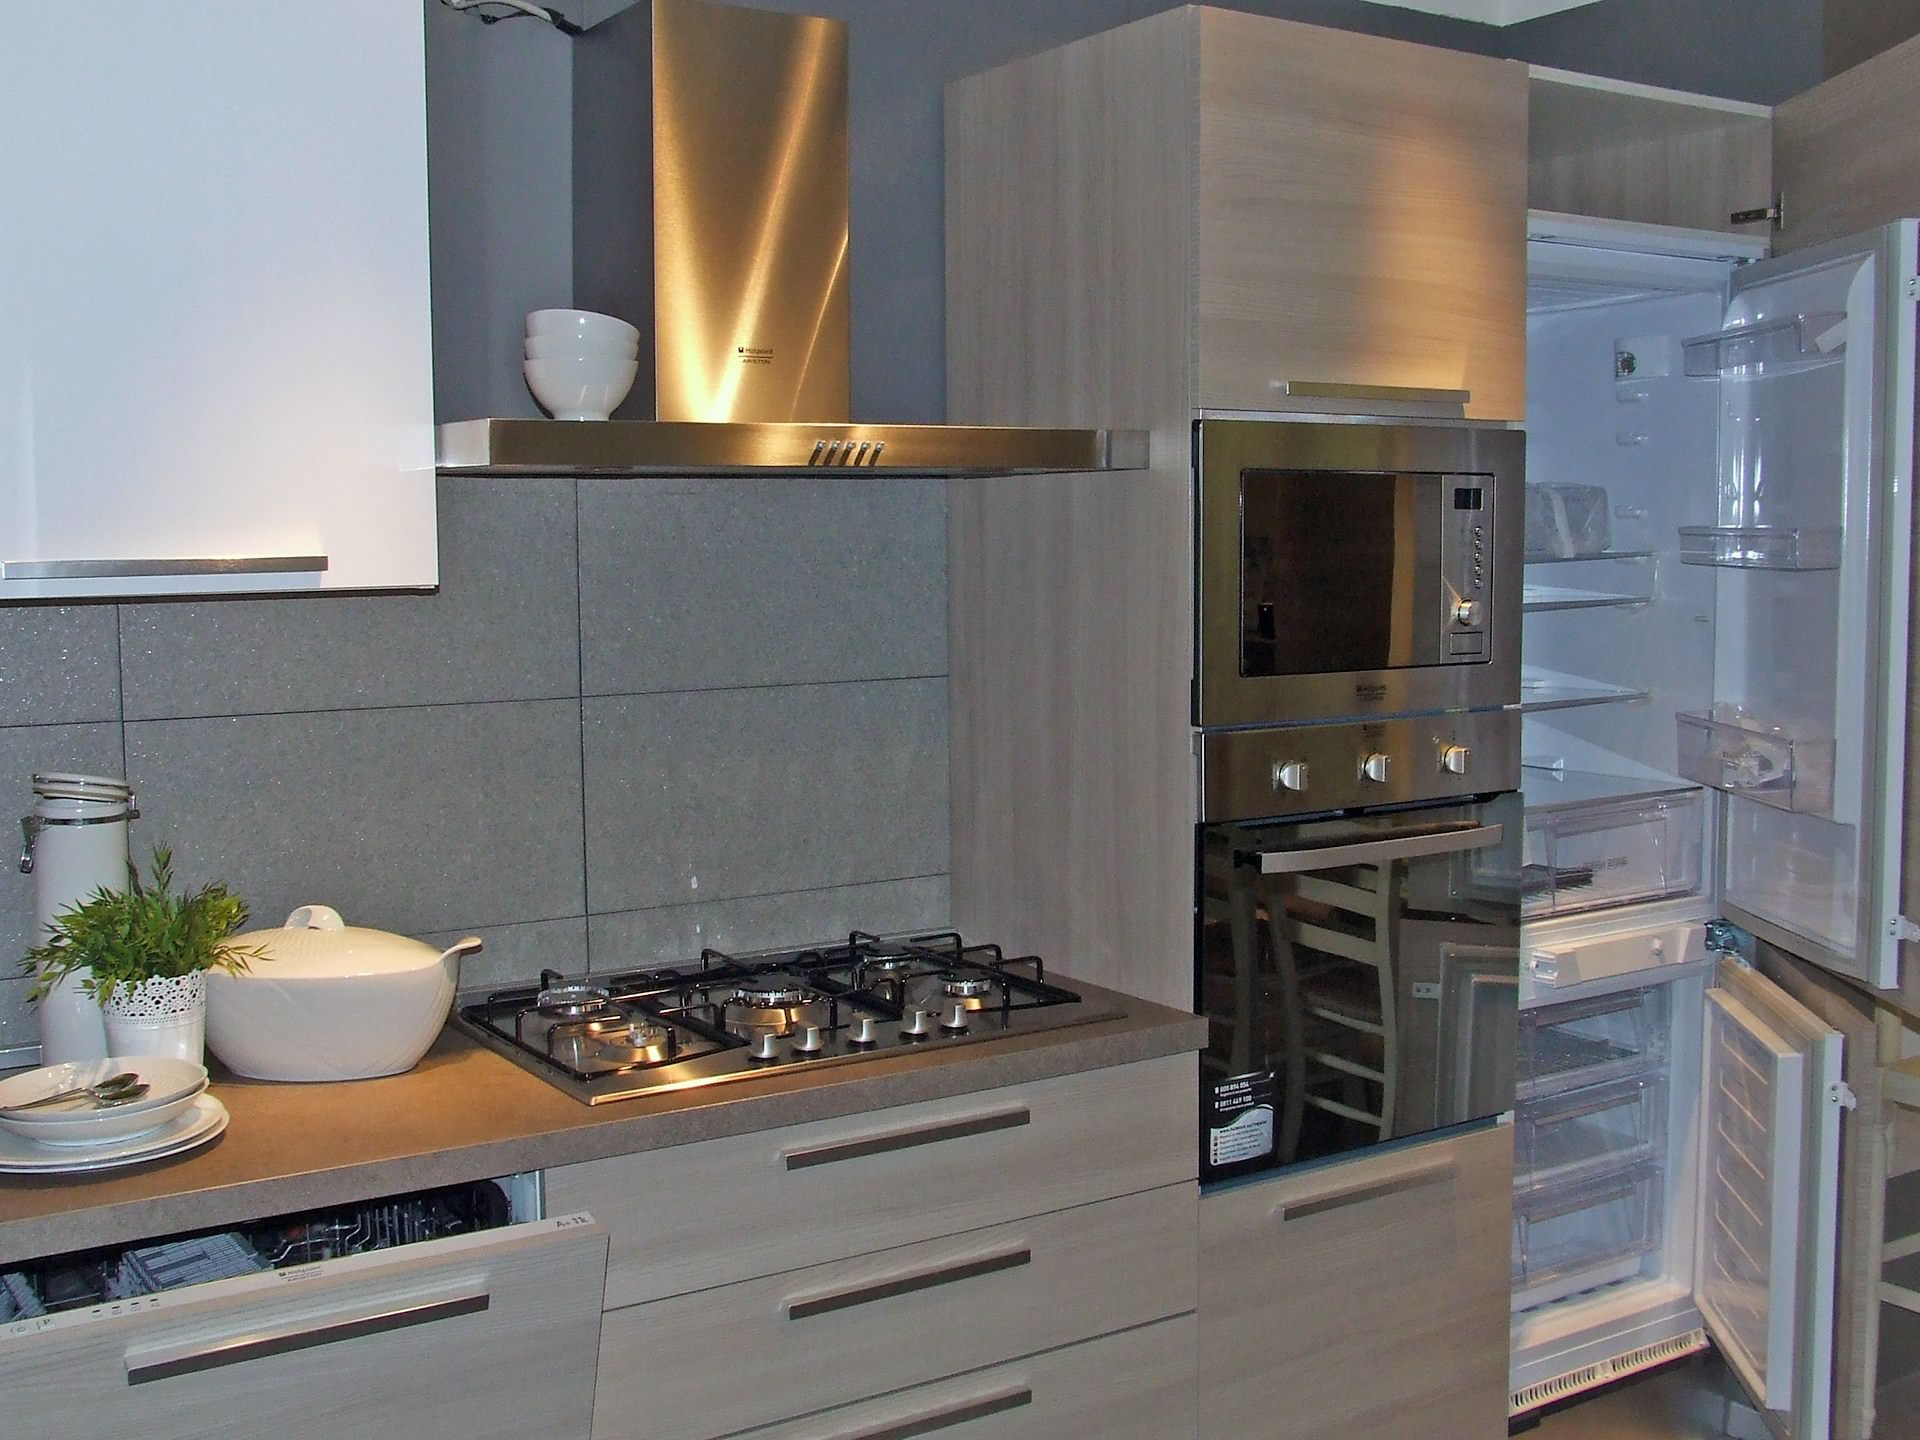 Stunning ciao cucine aran pictures - Cucine aran prezzi ...